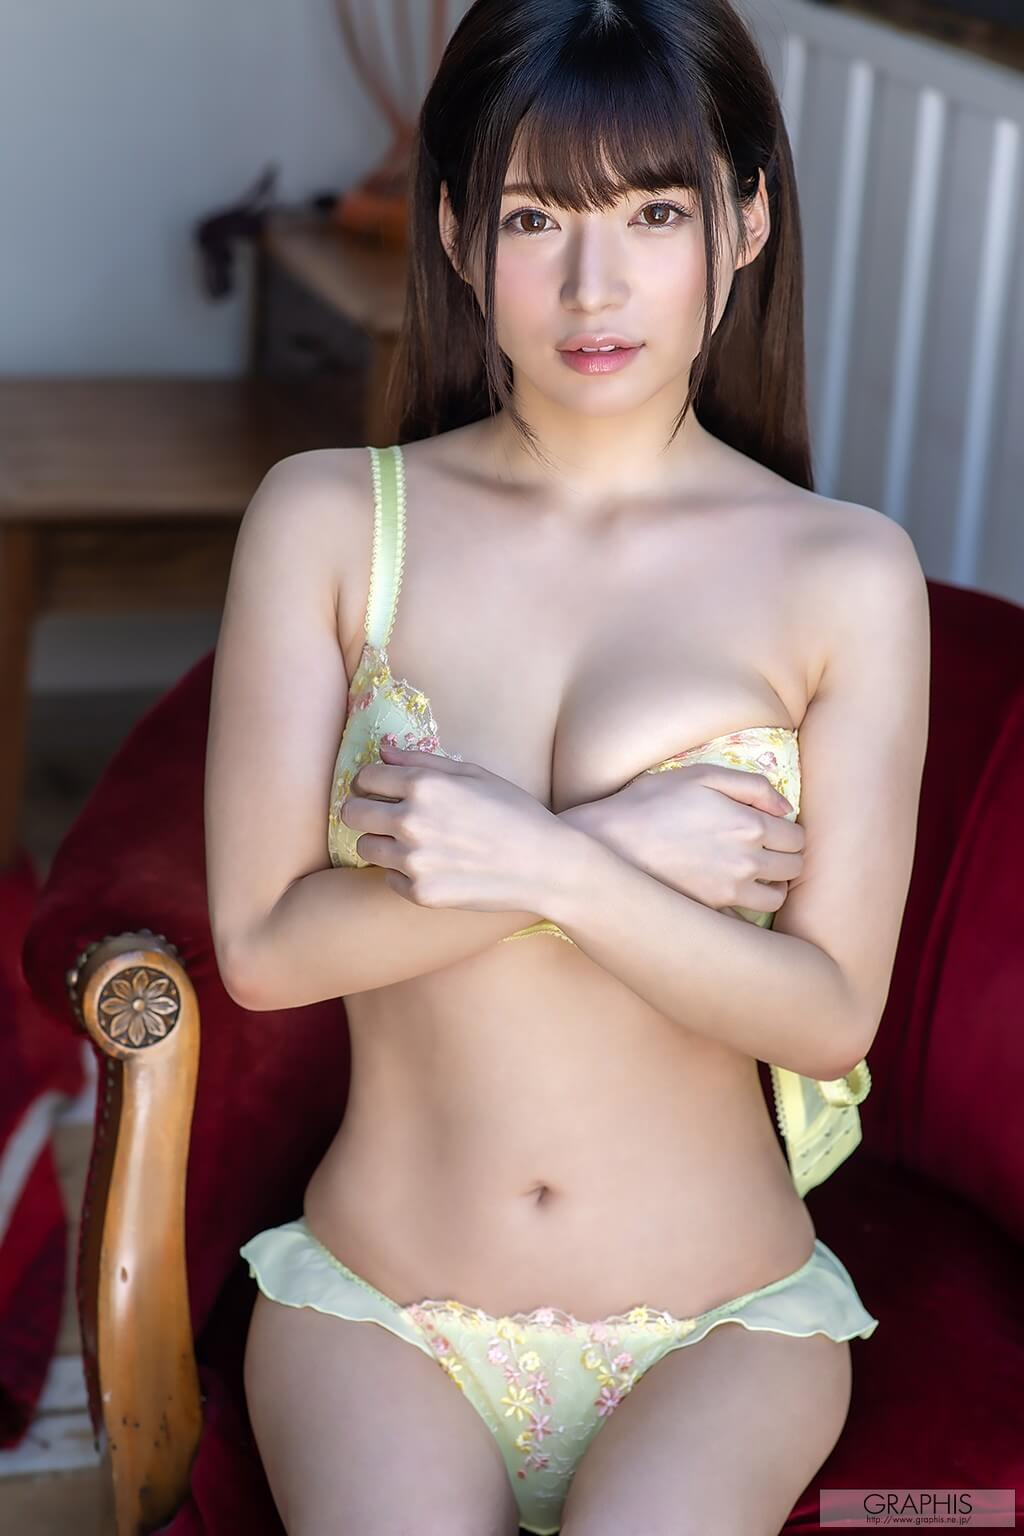 Nackt 12 sexy girls Teen Nudes